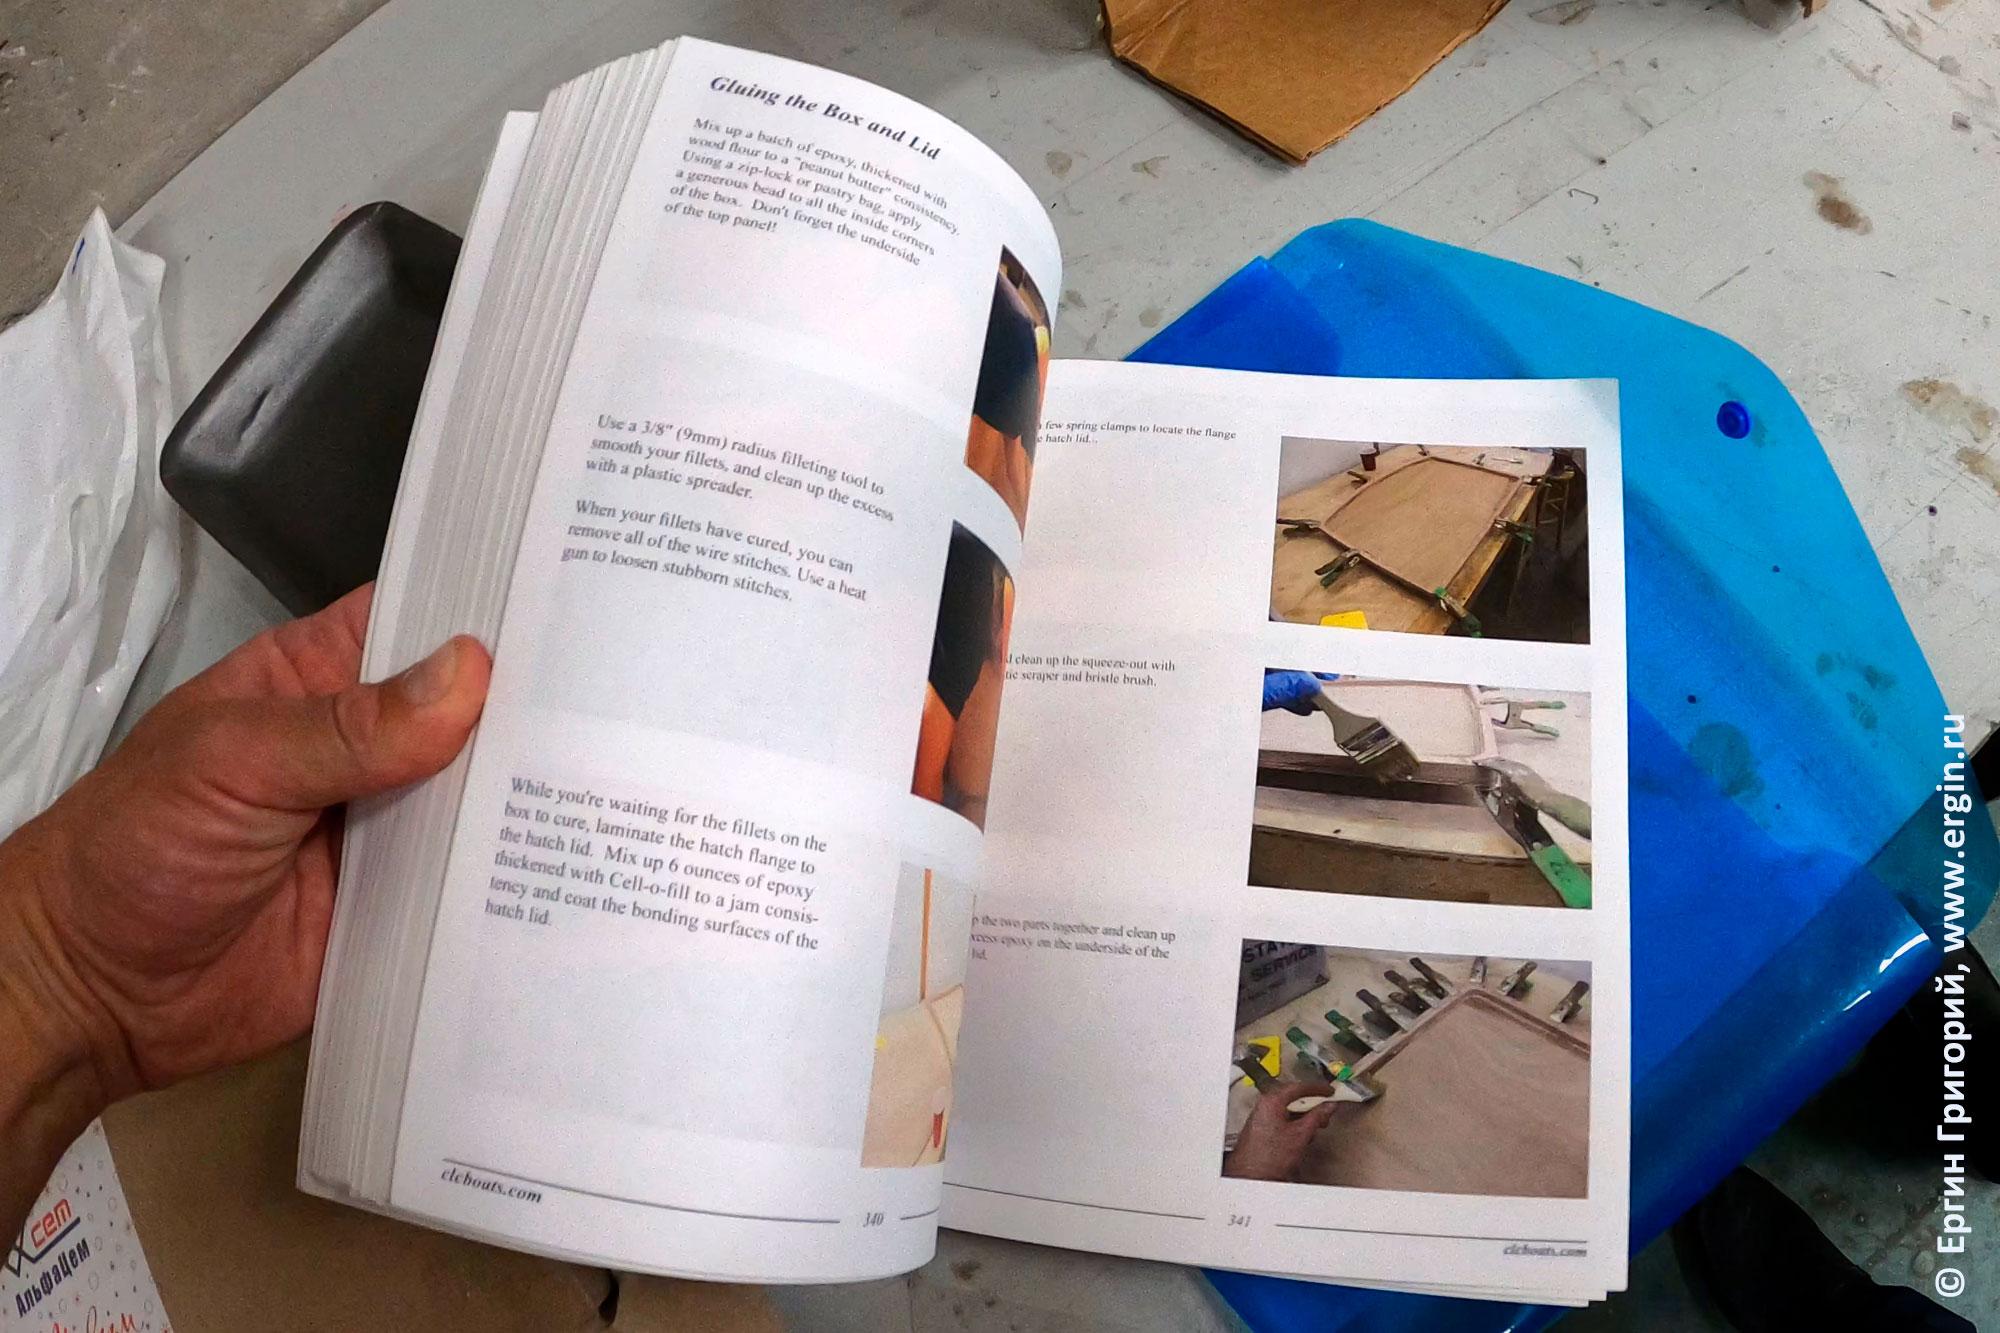 Многостраничная подробная инструкция по строительству каяка своими руками от CLCboats